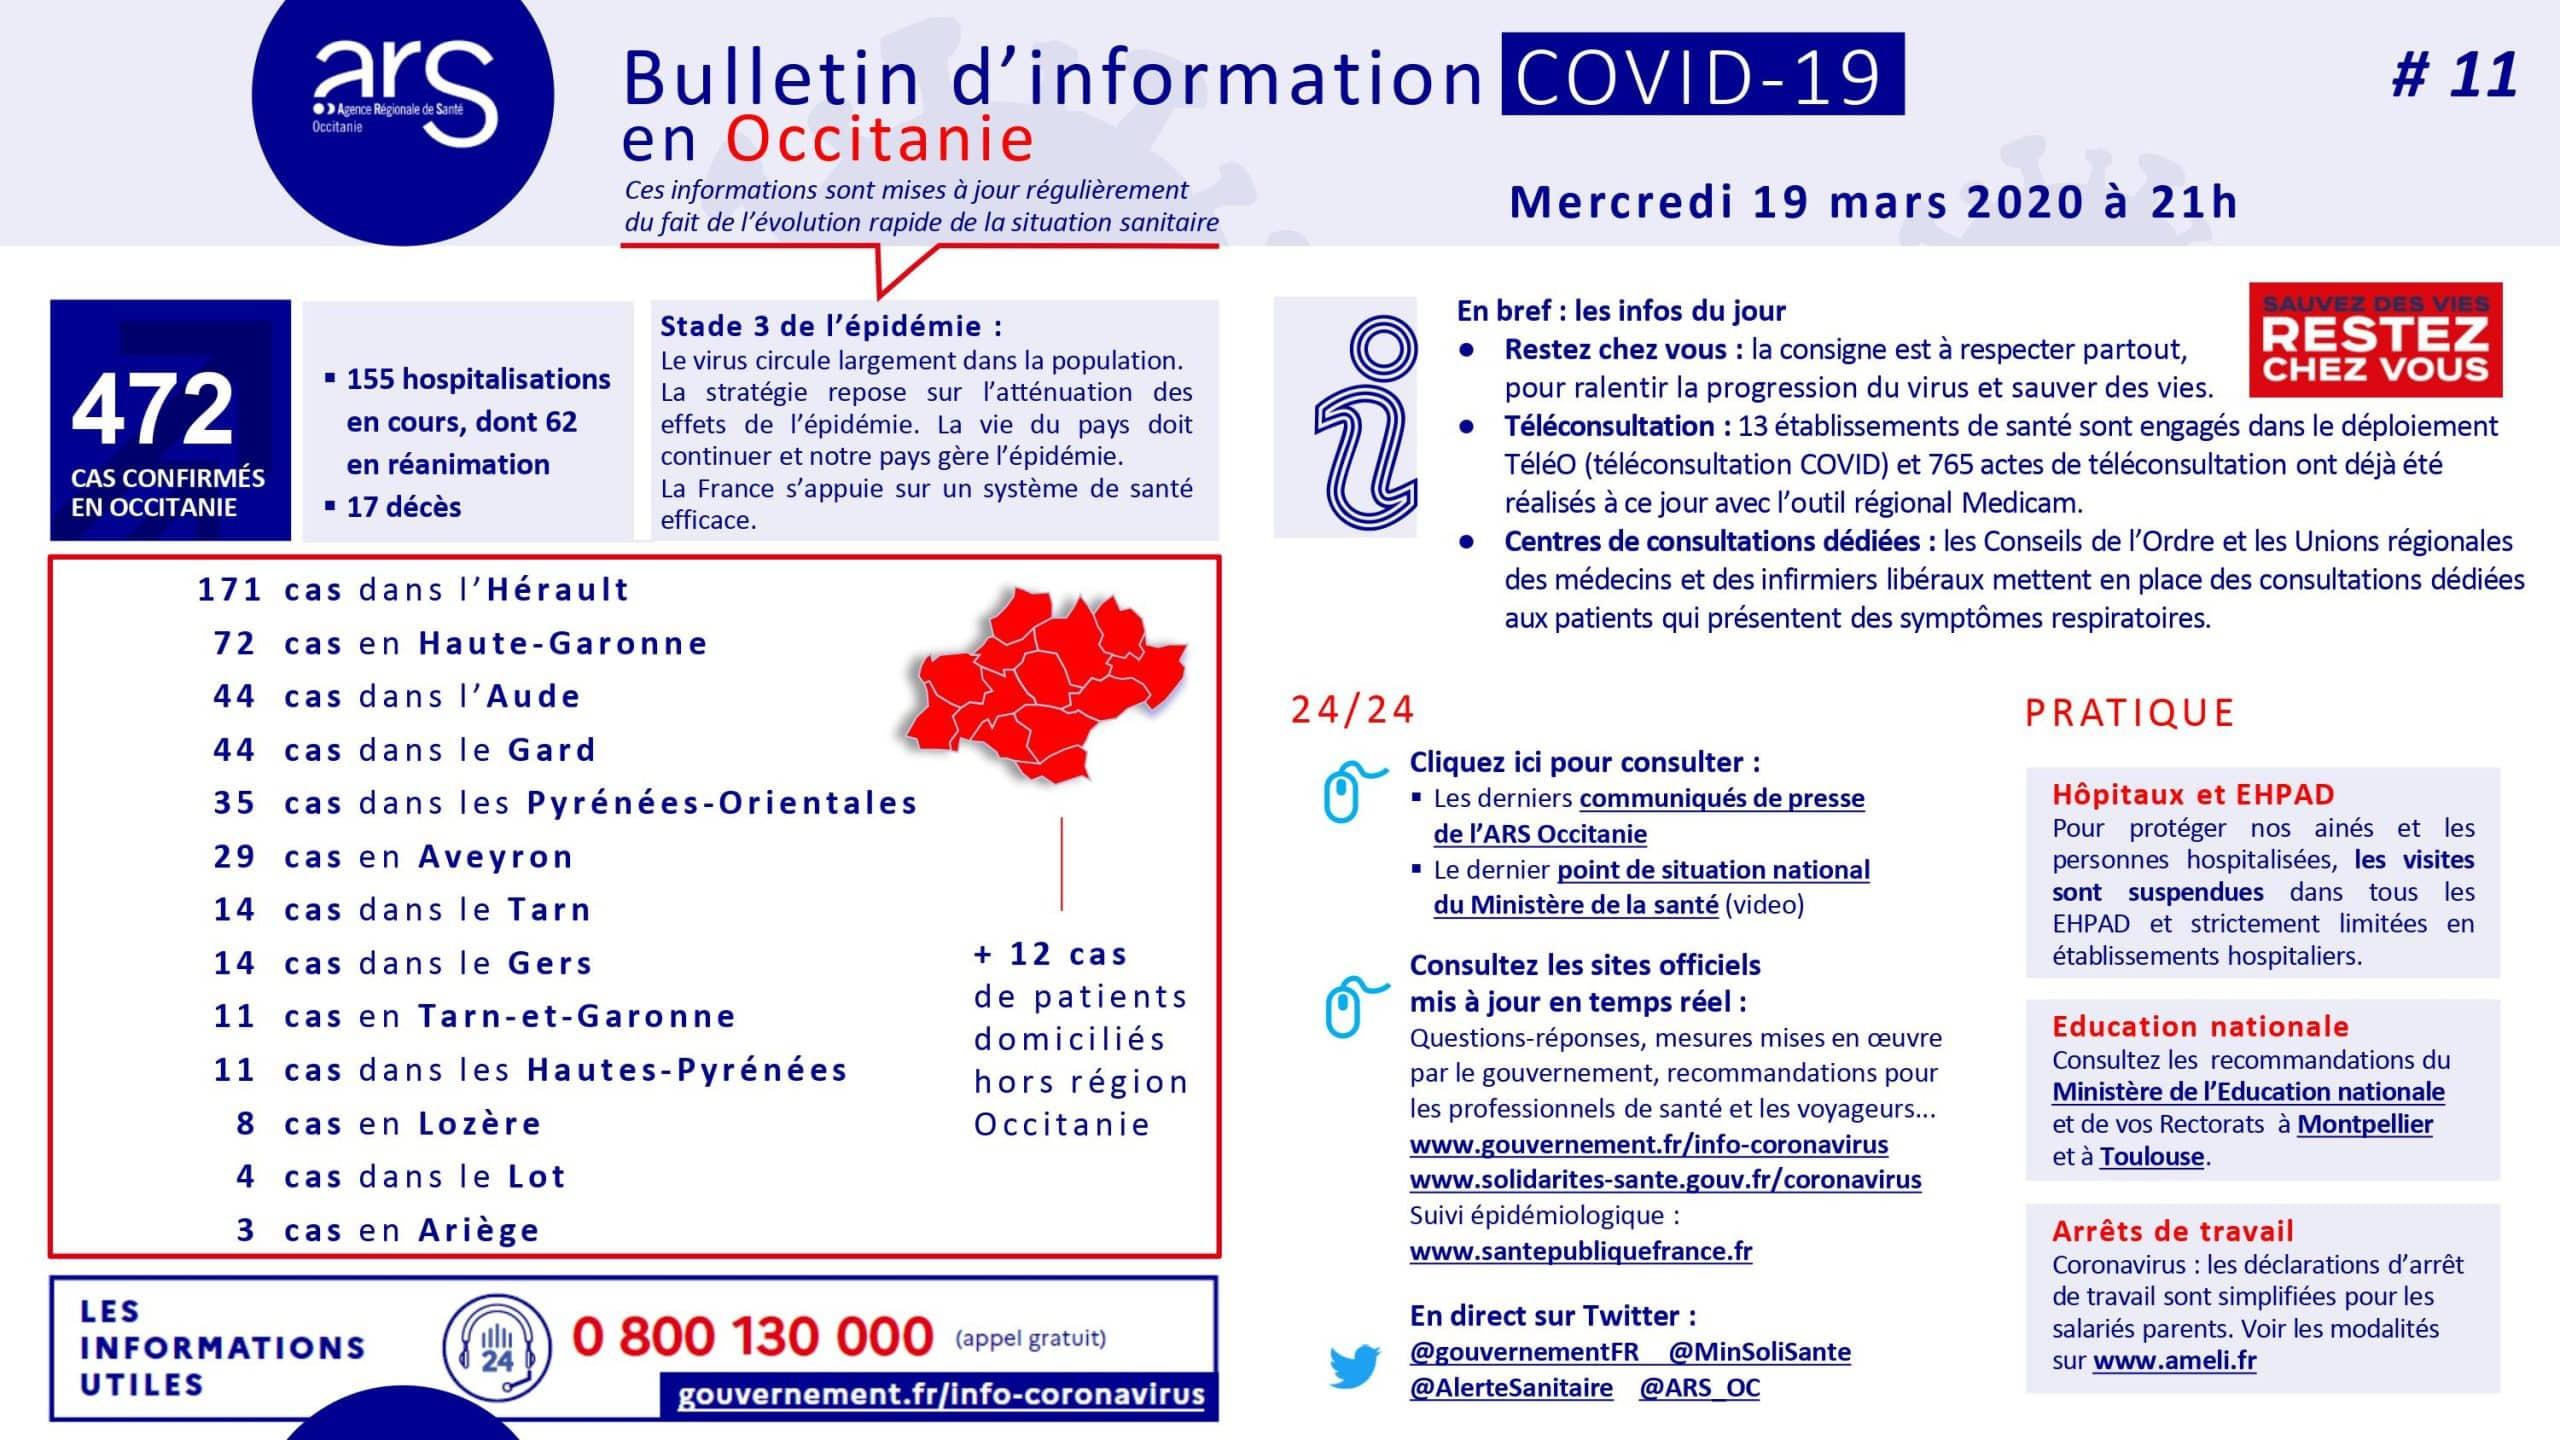 bilan coronavirus Occitanie